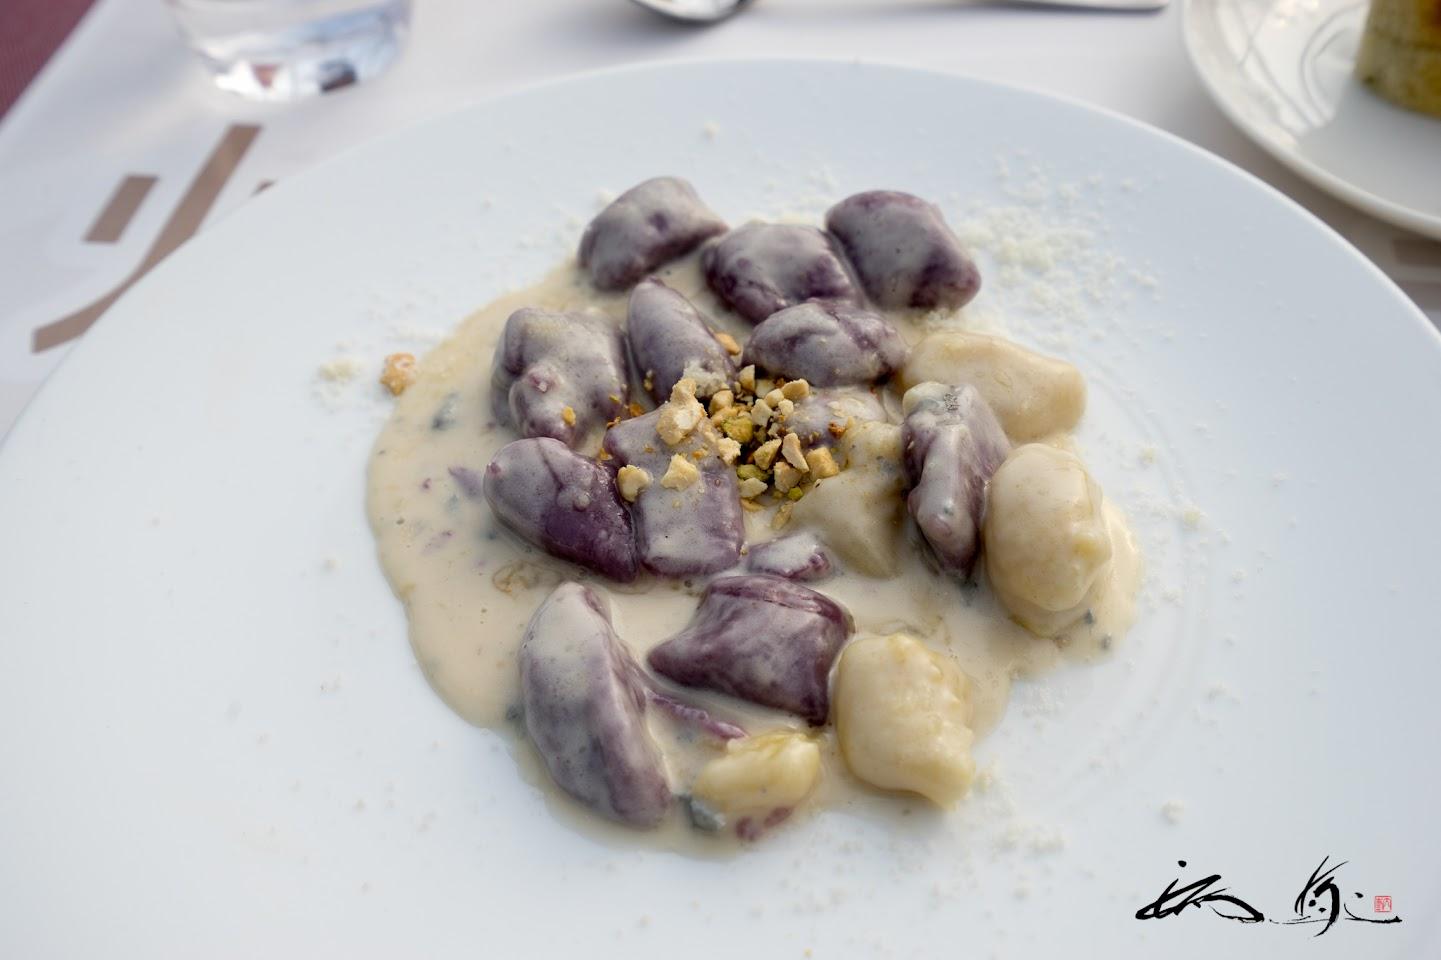 紅芋とさつま芋のニョッキ、ゴルゴンゾラソー